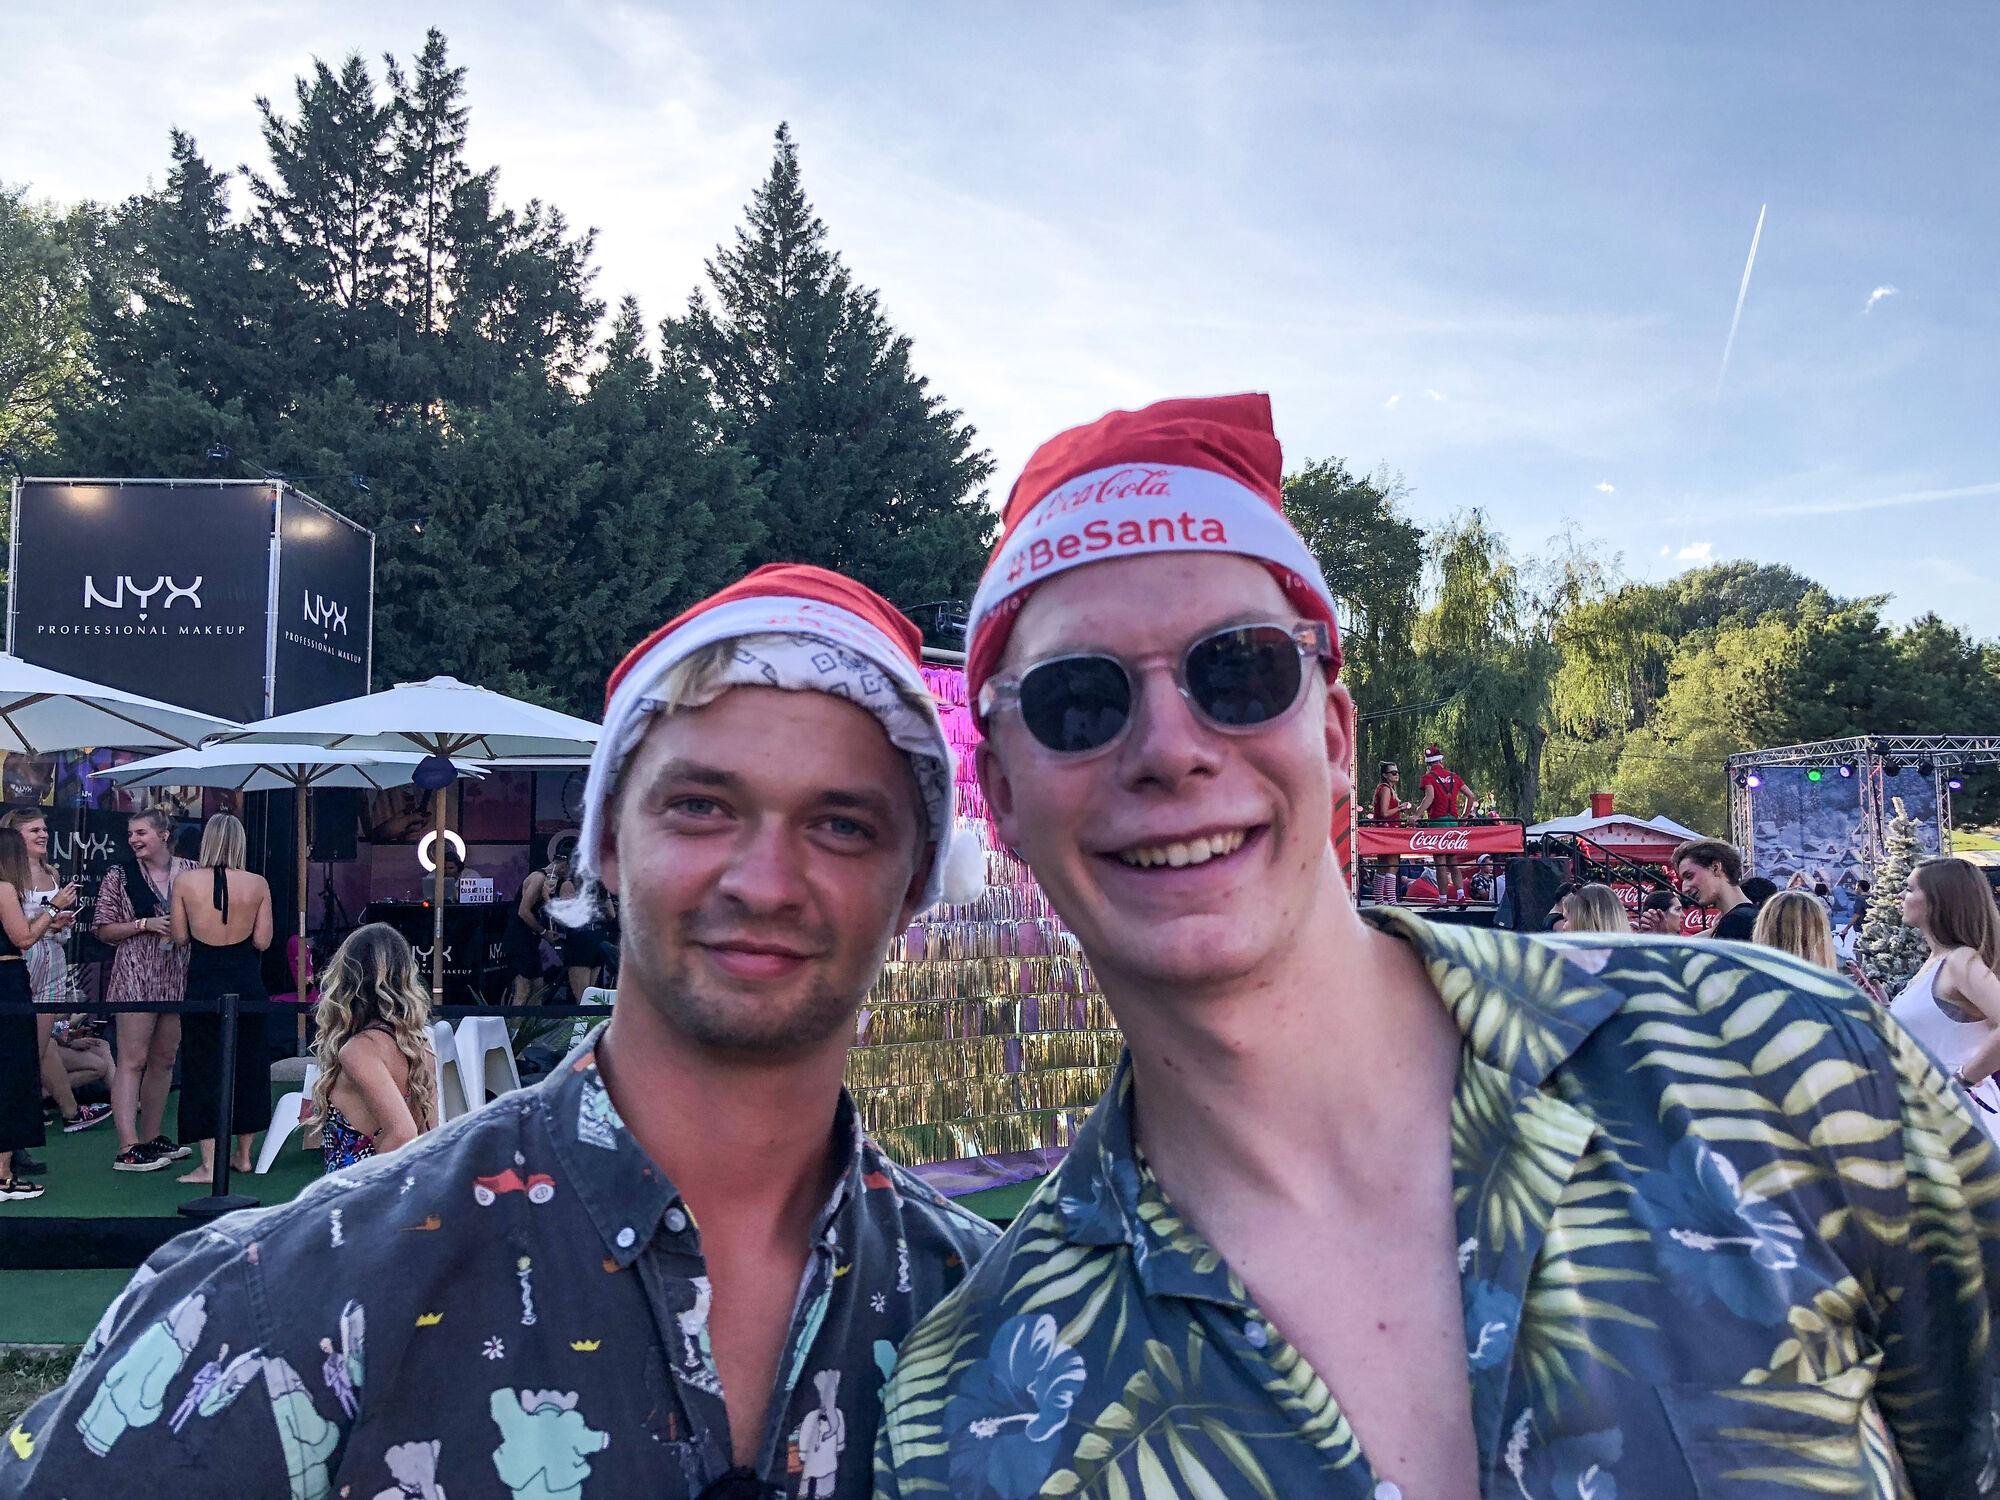 Sziget Fesztivál 2019 vicces fotók5